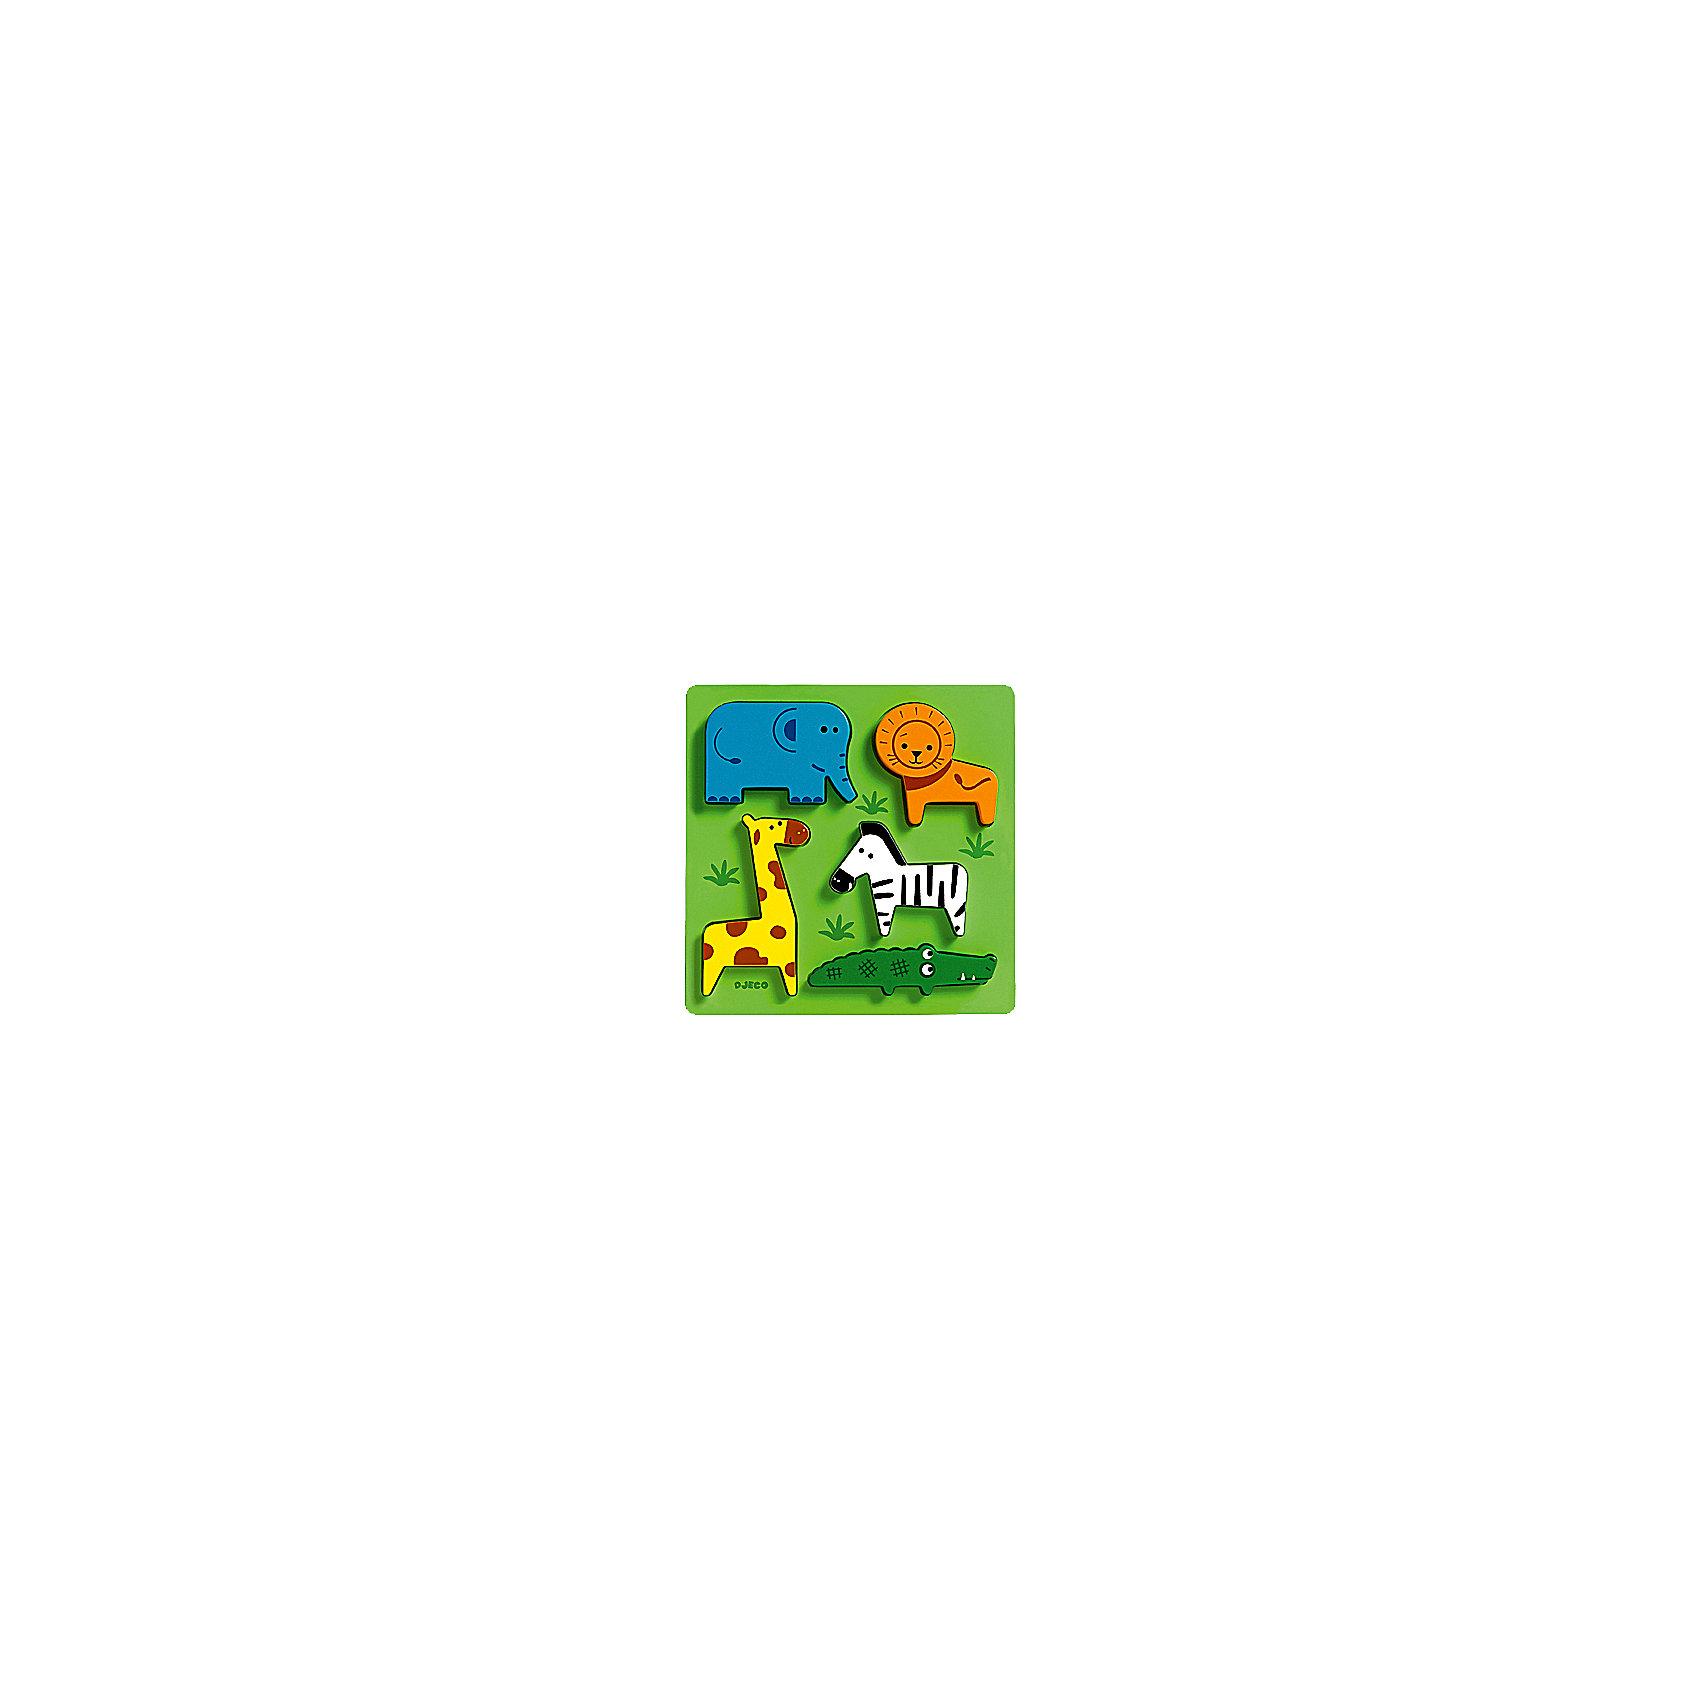 Сортировка-пазл Животные сафари, DJECOдо 50 деталей<br>Рамка-вкладыш  «Животные сафари» - первый пазл для вашего малыша.  Яркая деревянная рамка-вкладыш обязательно привлечет внимание ребенка и поможет развить мелкую моторику, цветовосприятие и воображение.  <br>Увлекательная игра познакомит детей с главными обитателями Африки. На зеленом поле уютно разместились: красочных лев, слоненок, жираф, зебра и крокодил. Привлекательные фигурки приятны на ощупь, их интересно держать в руках и размещать на дощечке. Игрушка выполнена из высококачественных материалов, не имеет острых углов и мелких деталей, безопасна даже для маленьких детей. <br><br>Дополнительная информация:<br><br>- Материал: дерево. <br>- Размер: 21х21х2,2 см.<br><br>Сортировку-пазл Животные сафари, DJECO (Джеко), можно купить в машем магазине.<br><br>Ширина мм: 210<br>Глубина мм: 210<br>Высота мм: 22<br>Вес г: 250<br>Возраст от месяцев: 12<br>Возраст до месяцев: 48<br>Пол: Унисекс<br>Возраст: Детский<br>SKU: 4051881